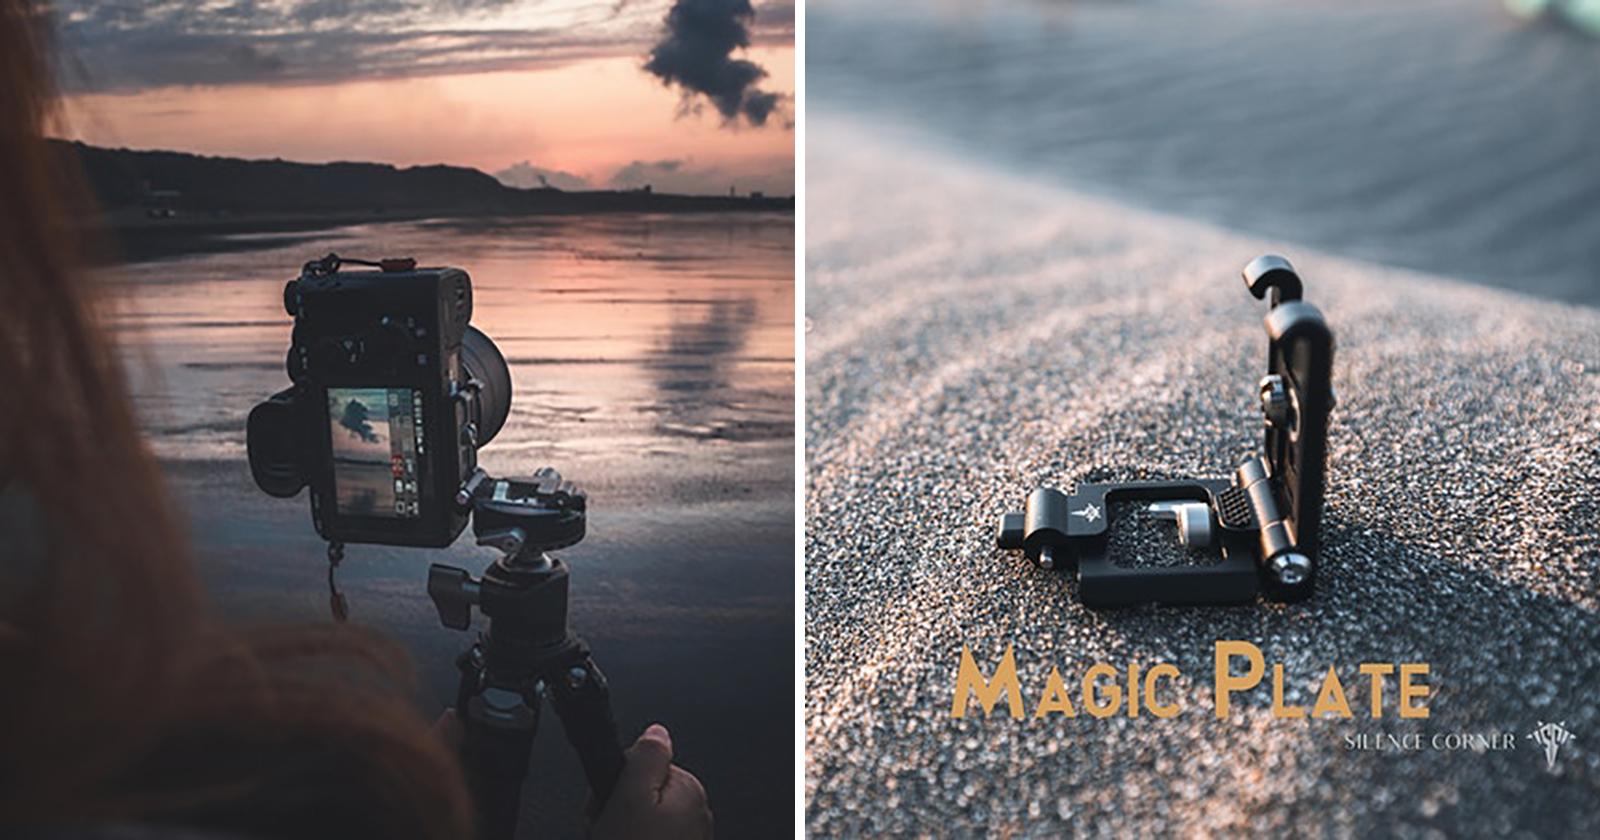 La 'Placa Mágica' te permite cambiar la orientación de tu cámara sin quitarla del trípode